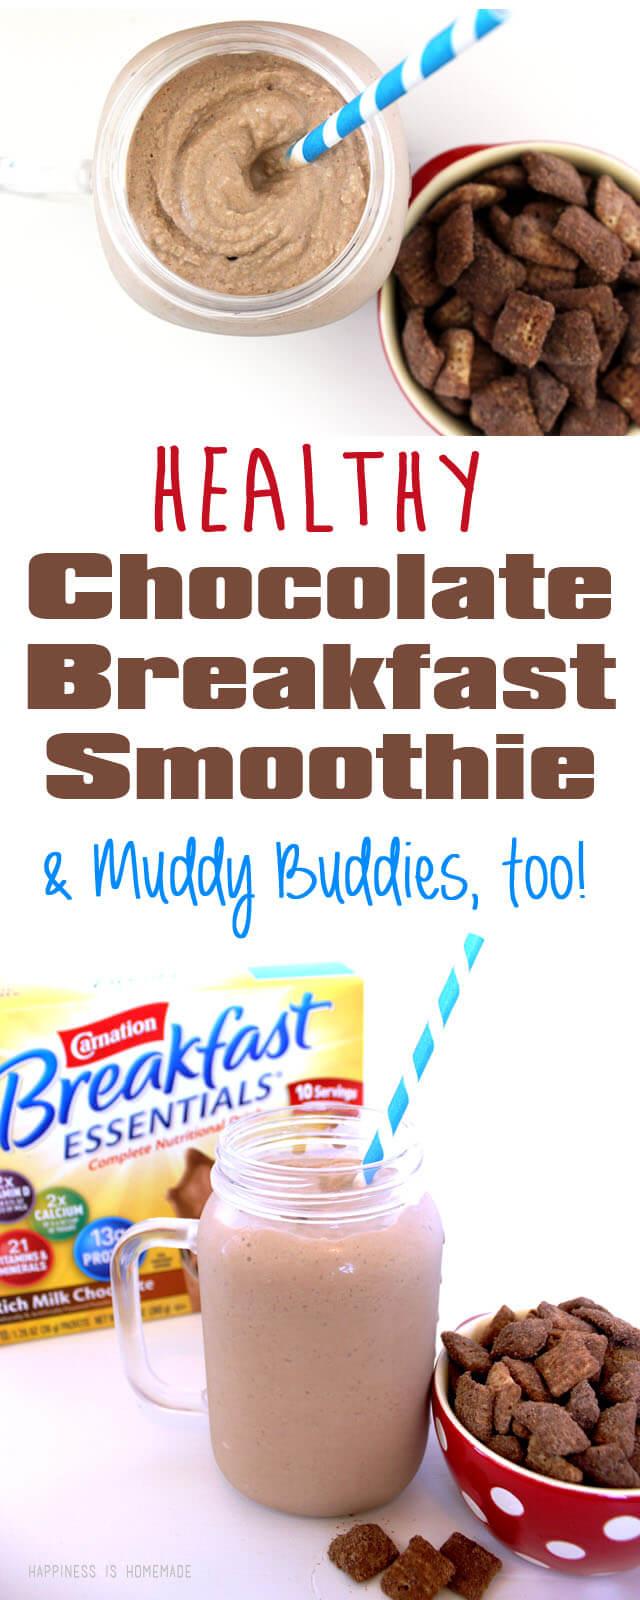 Healthy Chocolate Breakfast Essentials Smoothie